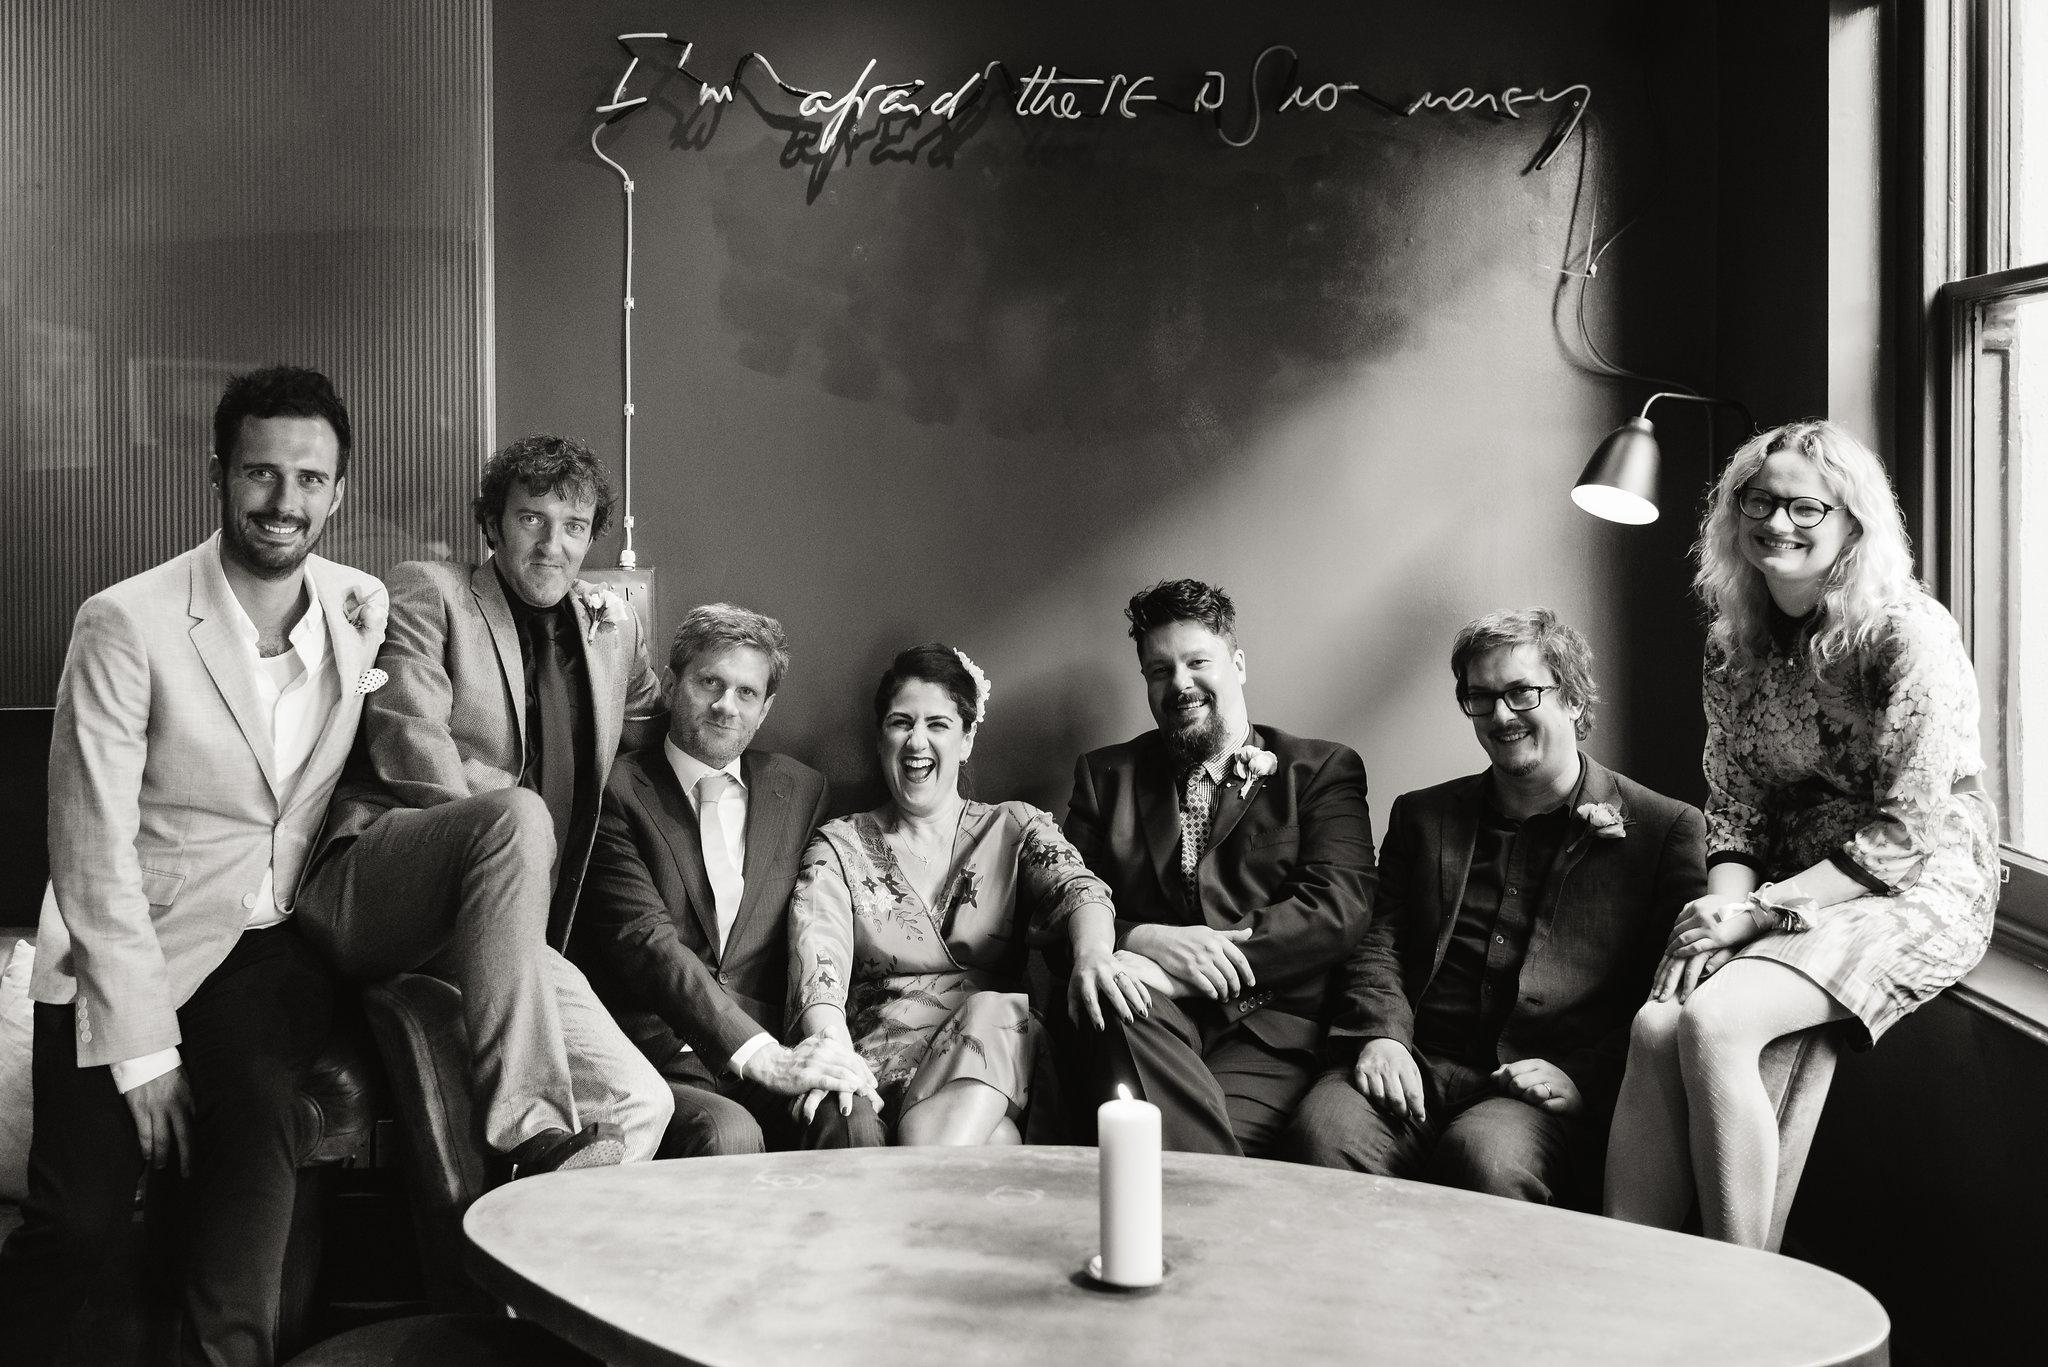 Old_Marylebone_Town_Hall_Groucho_Club_Wedding_81.jpg